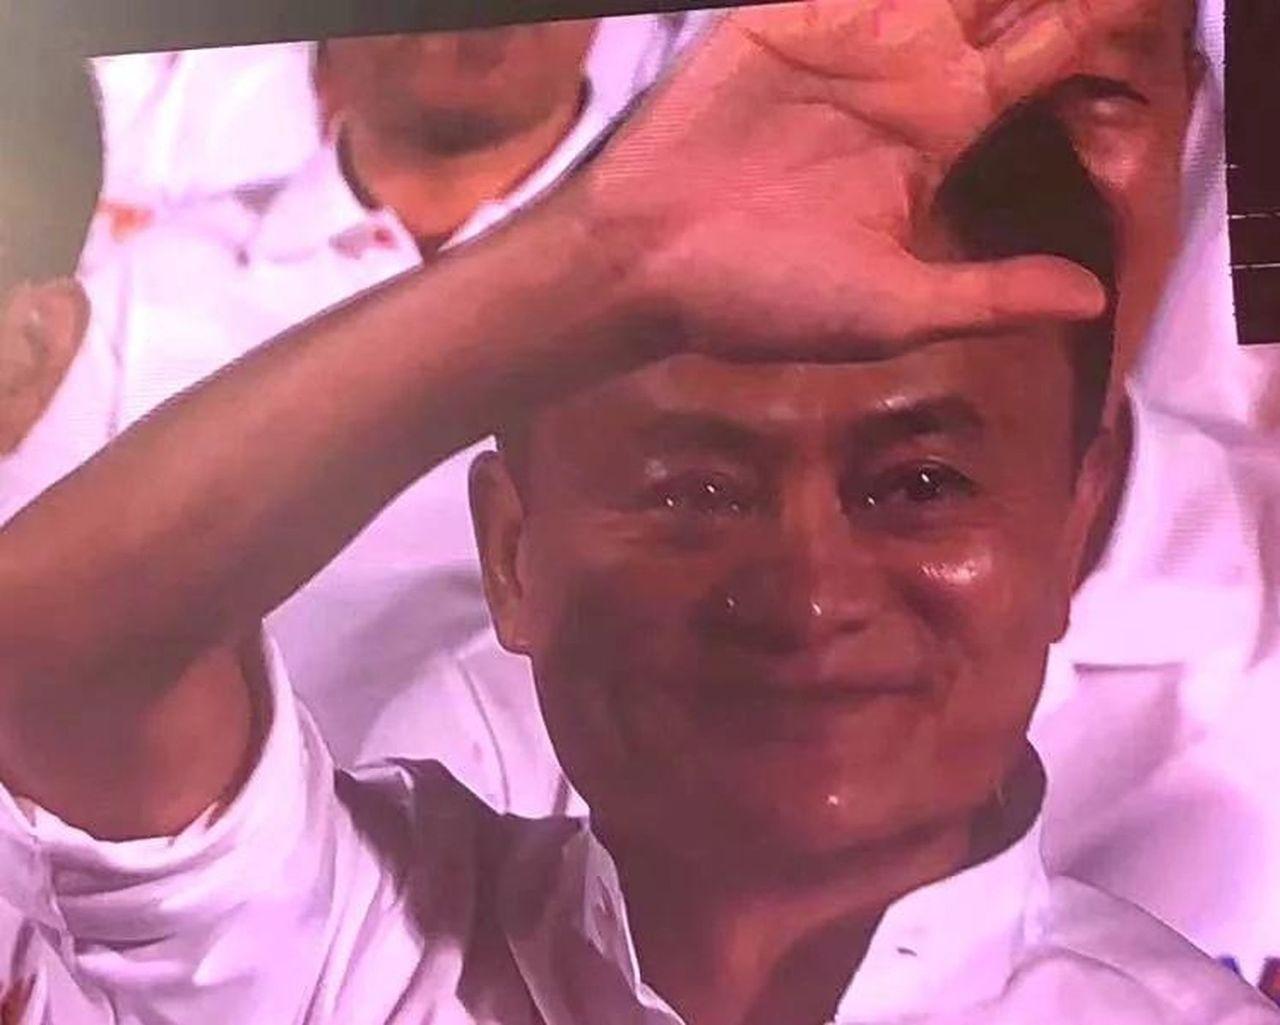 在阿里巴巴20周年晚會上,馬雲被拍到熱淚盈眶。 取材自微信